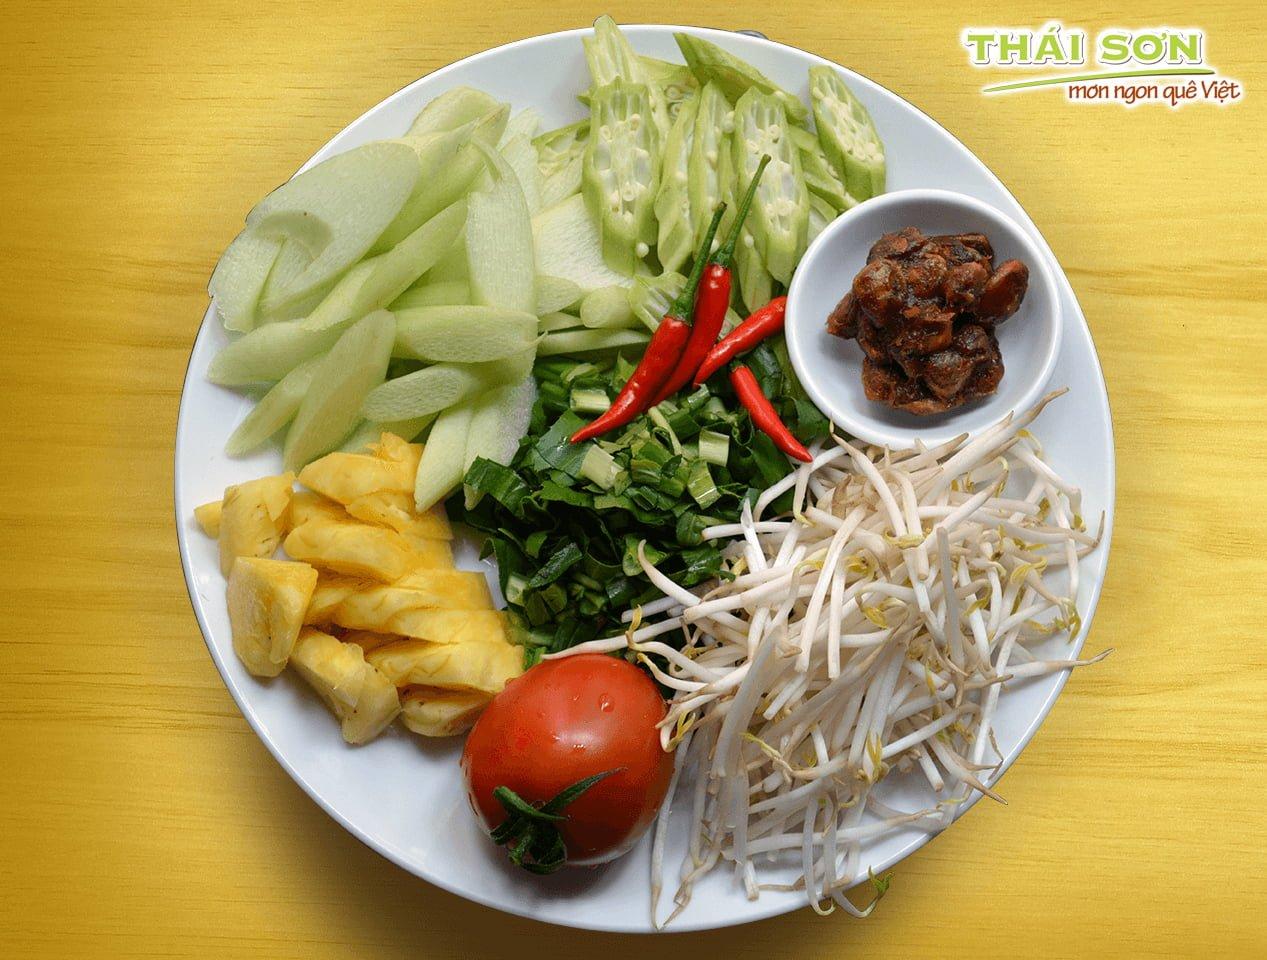 Món-Ngon-Quê-Việt_Vị-Chua-Thanh-Mát-Cho-Ngày-Vui_02